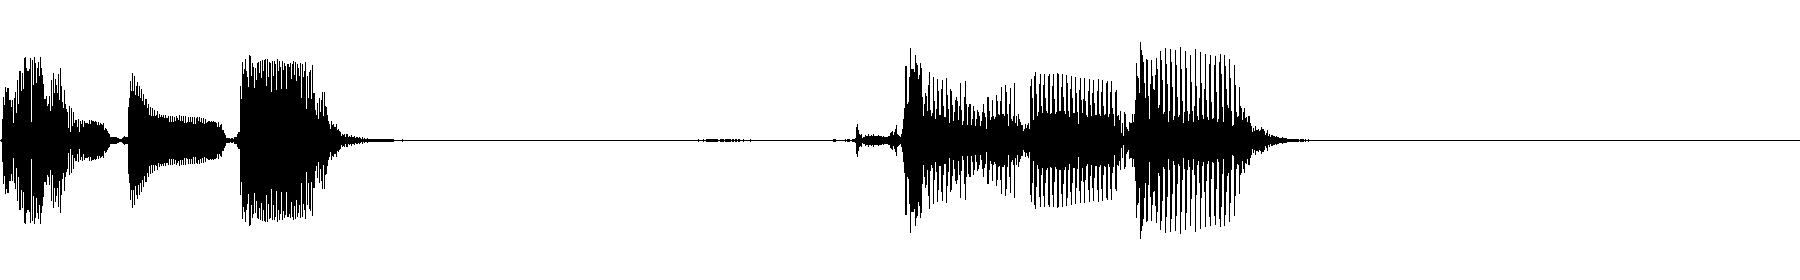 guitarfunk15 130